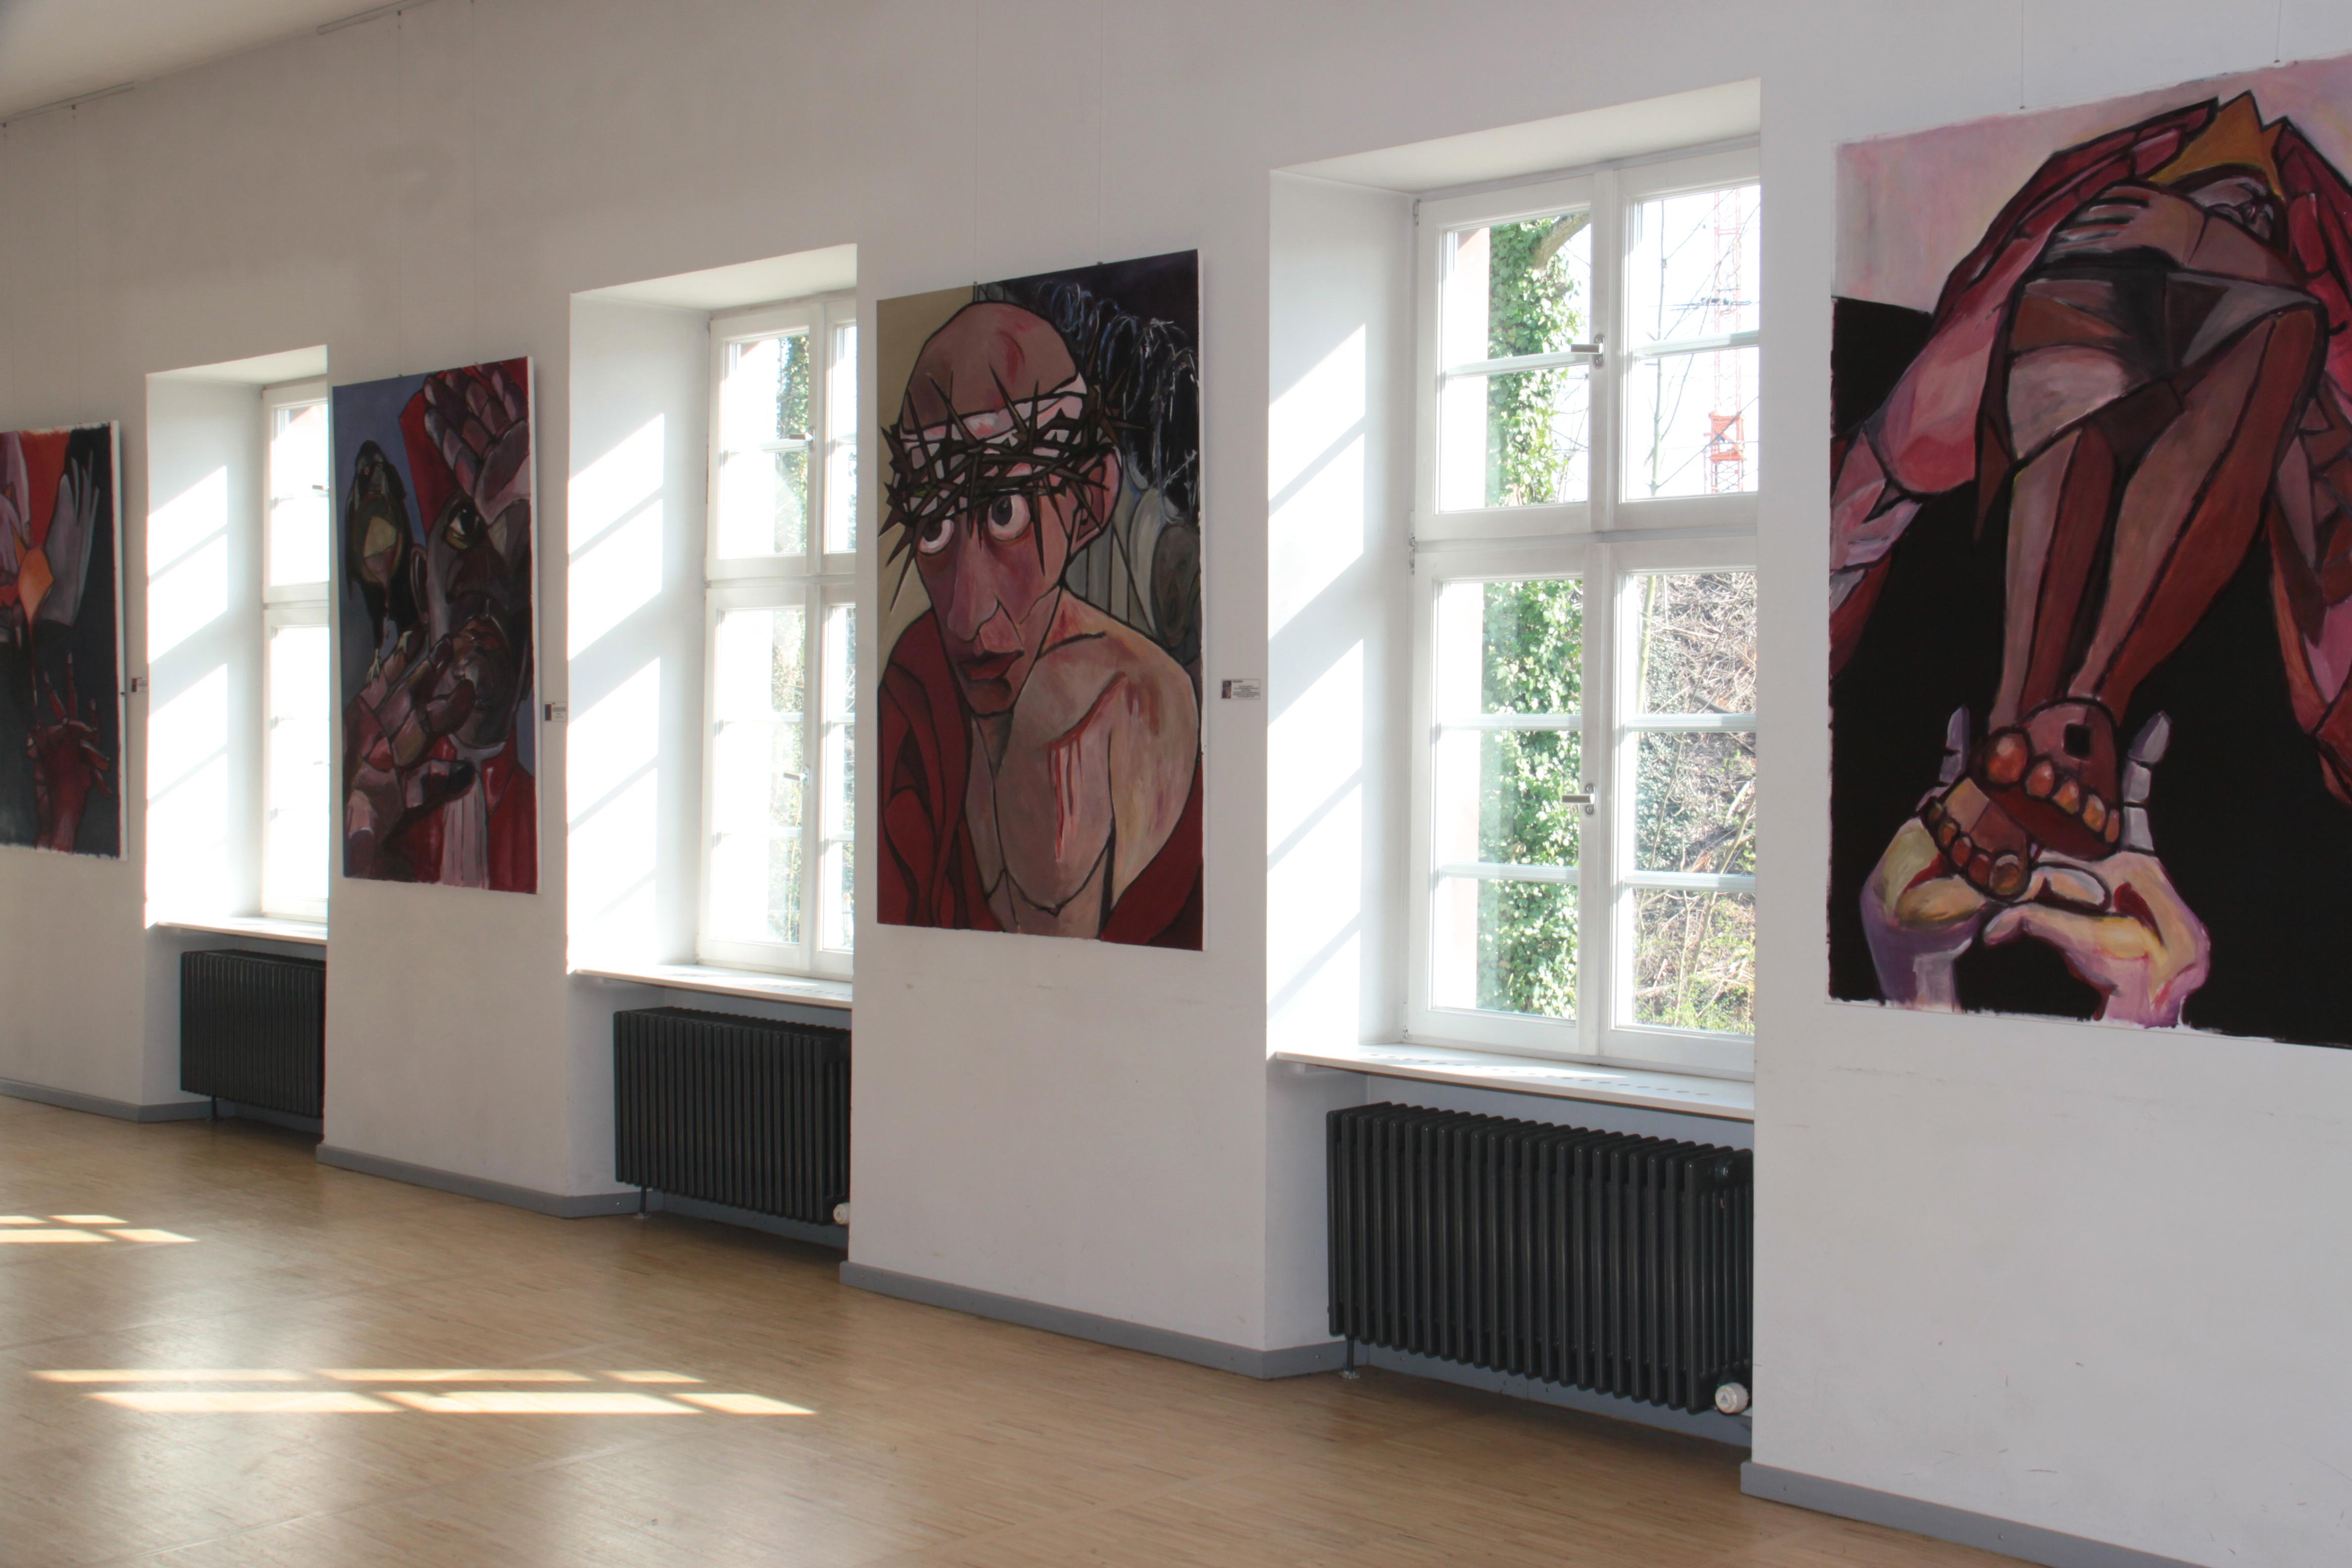 Ausstellung im südlichen Querraum